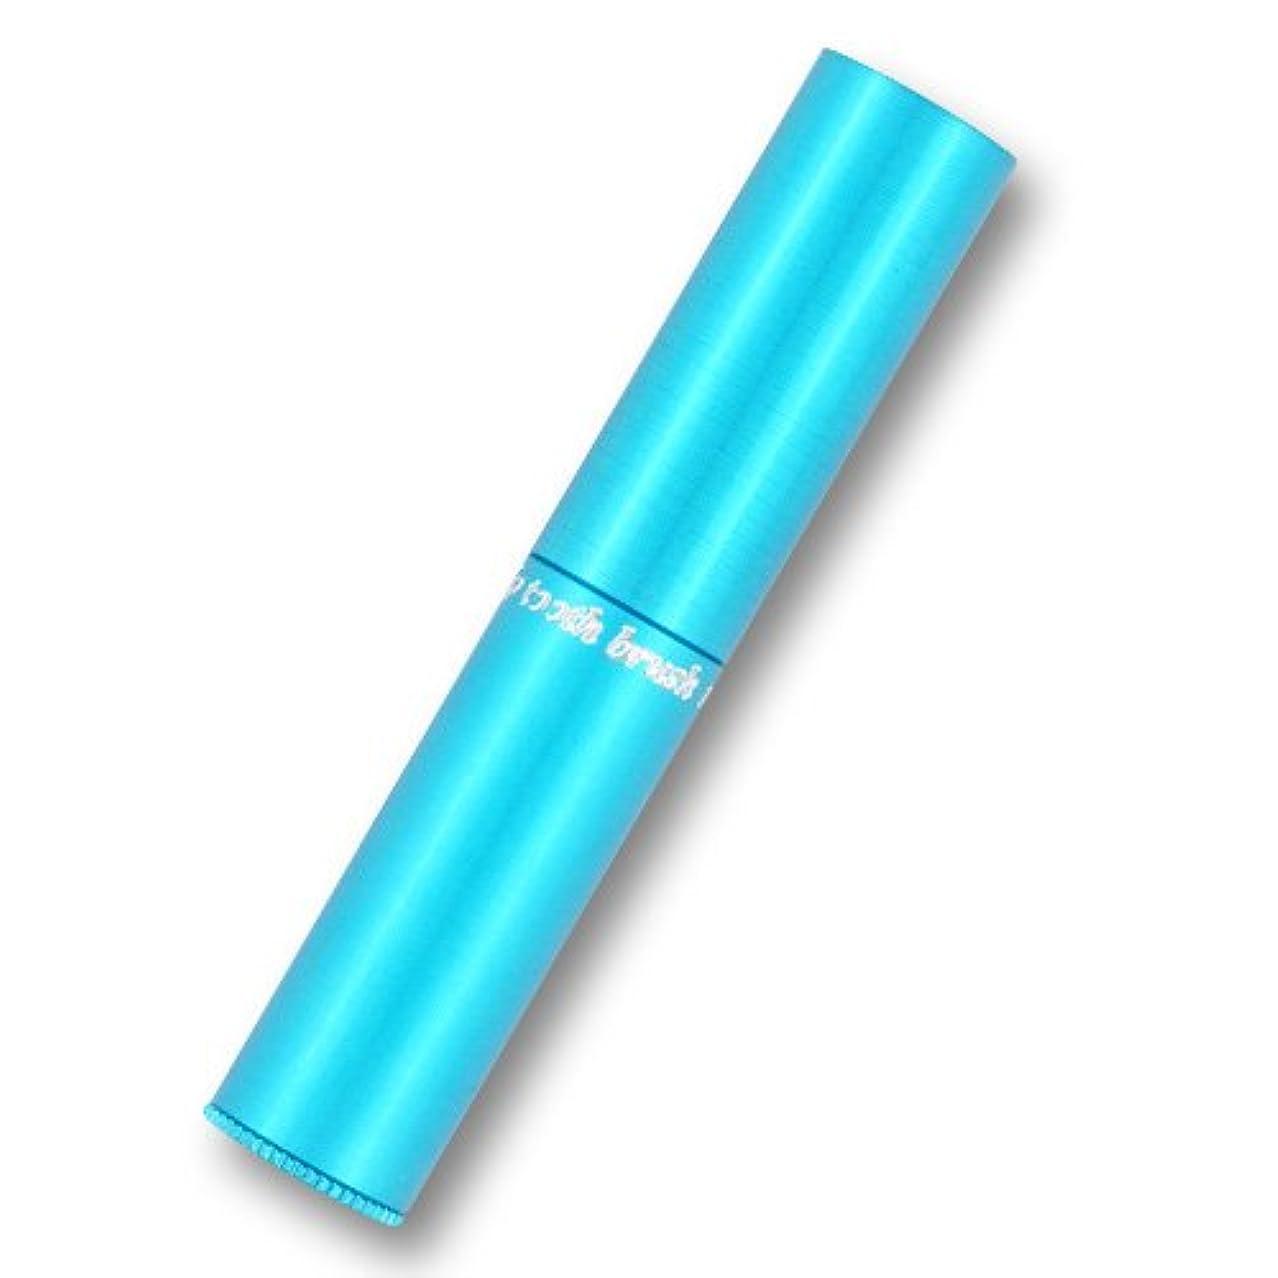 あなたが良くなります成り立つシャンパン携帯歯ブラシ?タベタラmigaCO(ブルー)